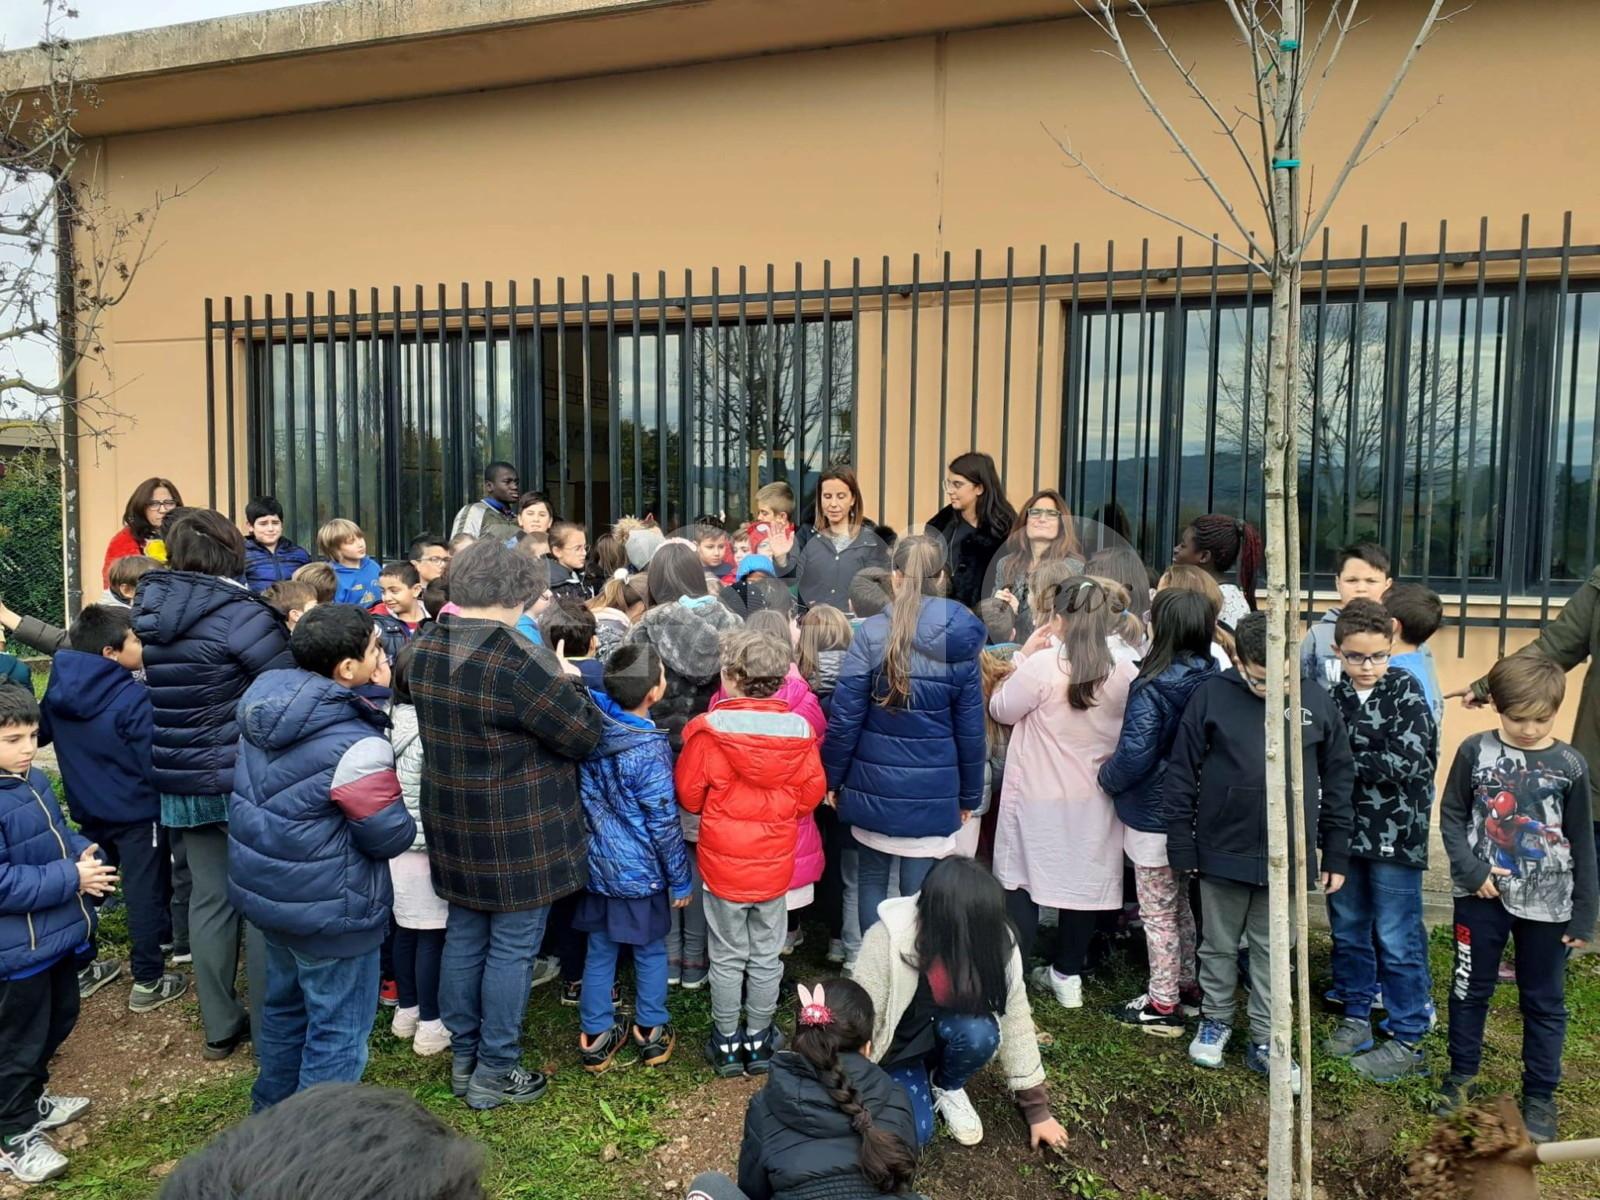 Festa dell'Albero 2019, la primaria Frondini pianta due aceri nel giardino scolastico